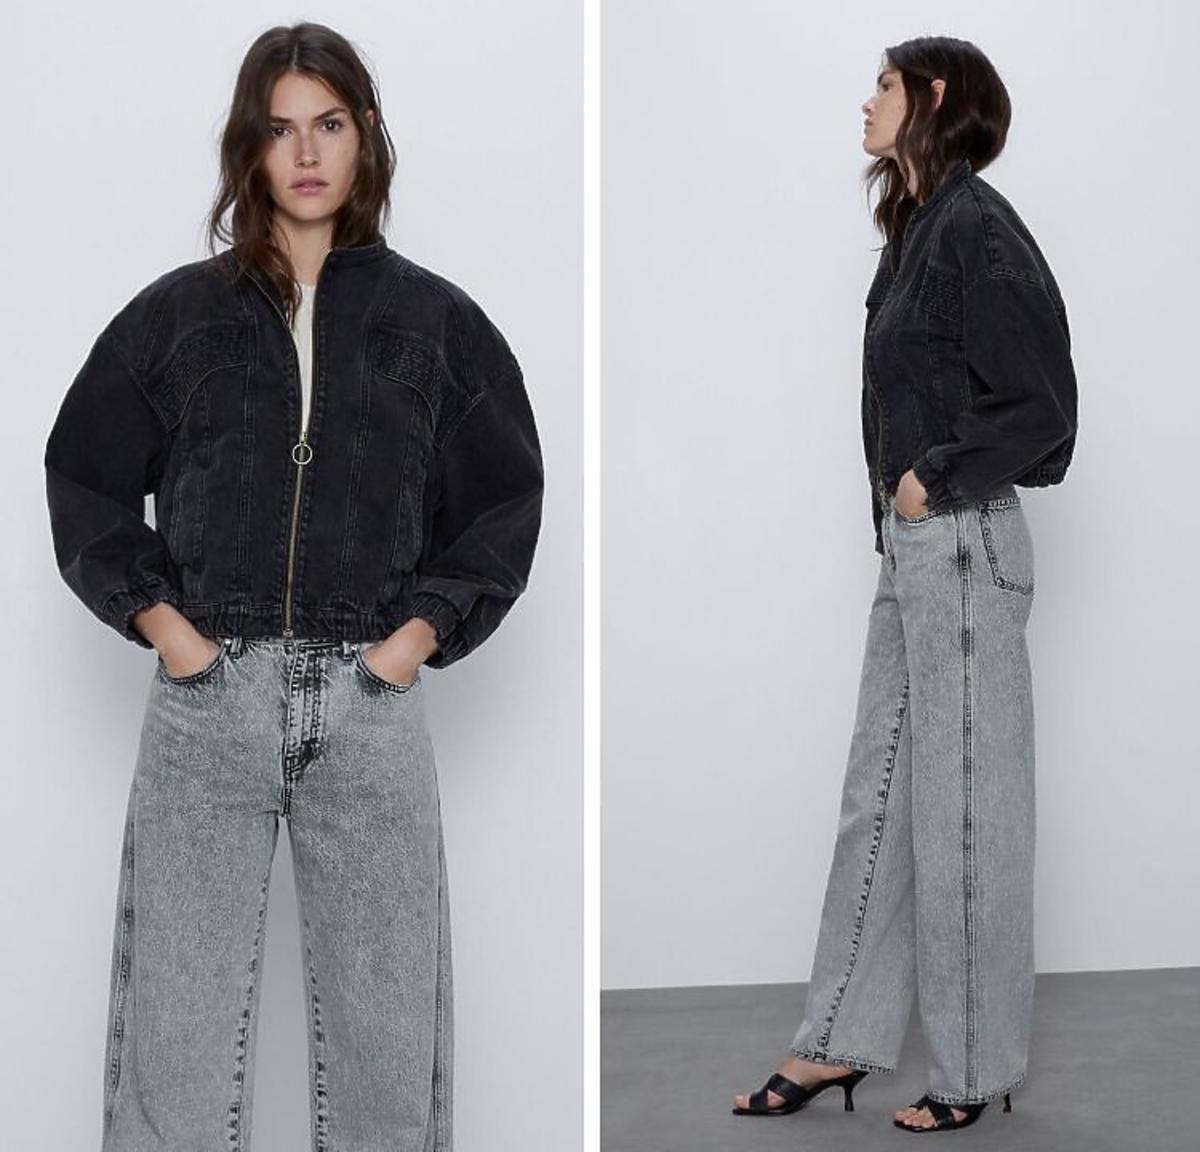 Dżinsowa kurtka w stylu lat 80-tych Zara